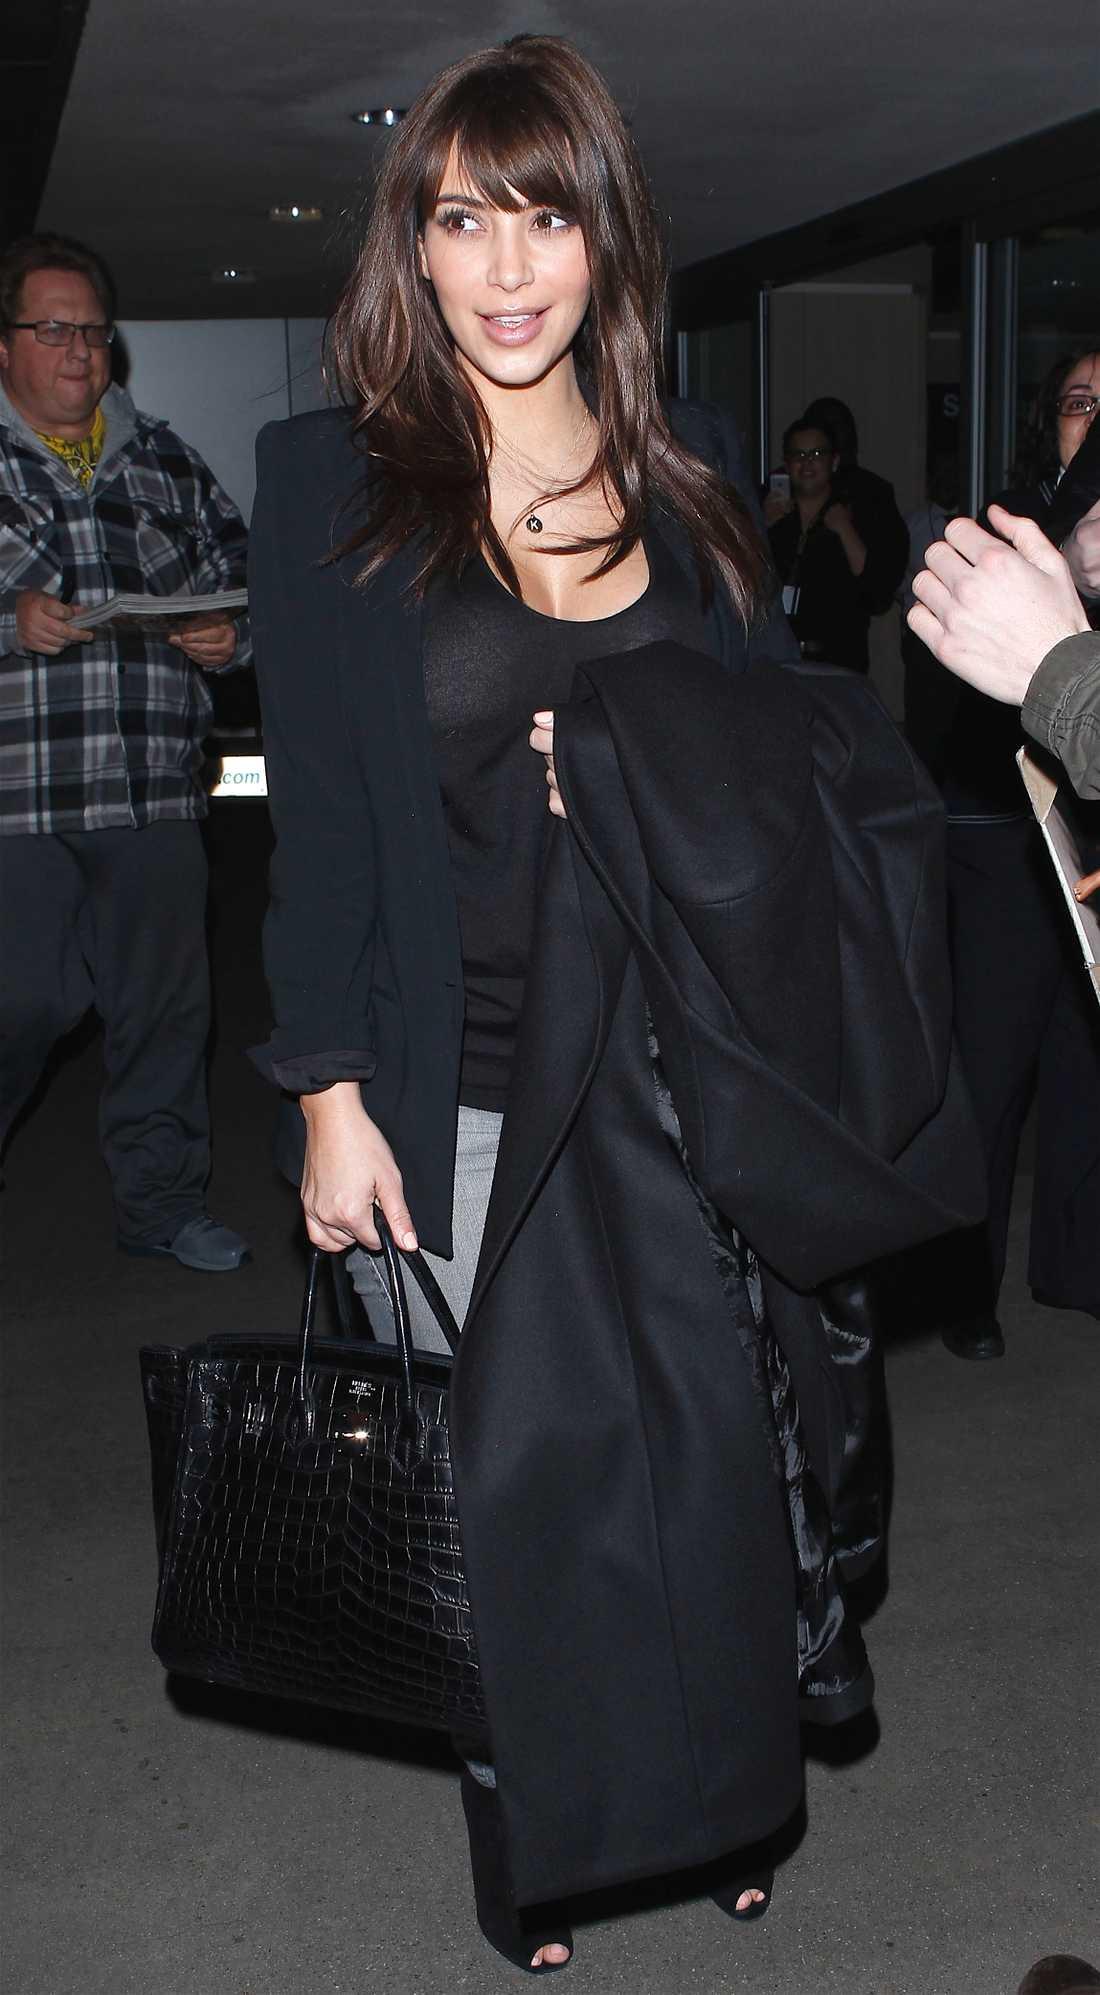 Kim Kardashian är avslappnat snygg i jeans, kavaj och väl valda accessoarer.